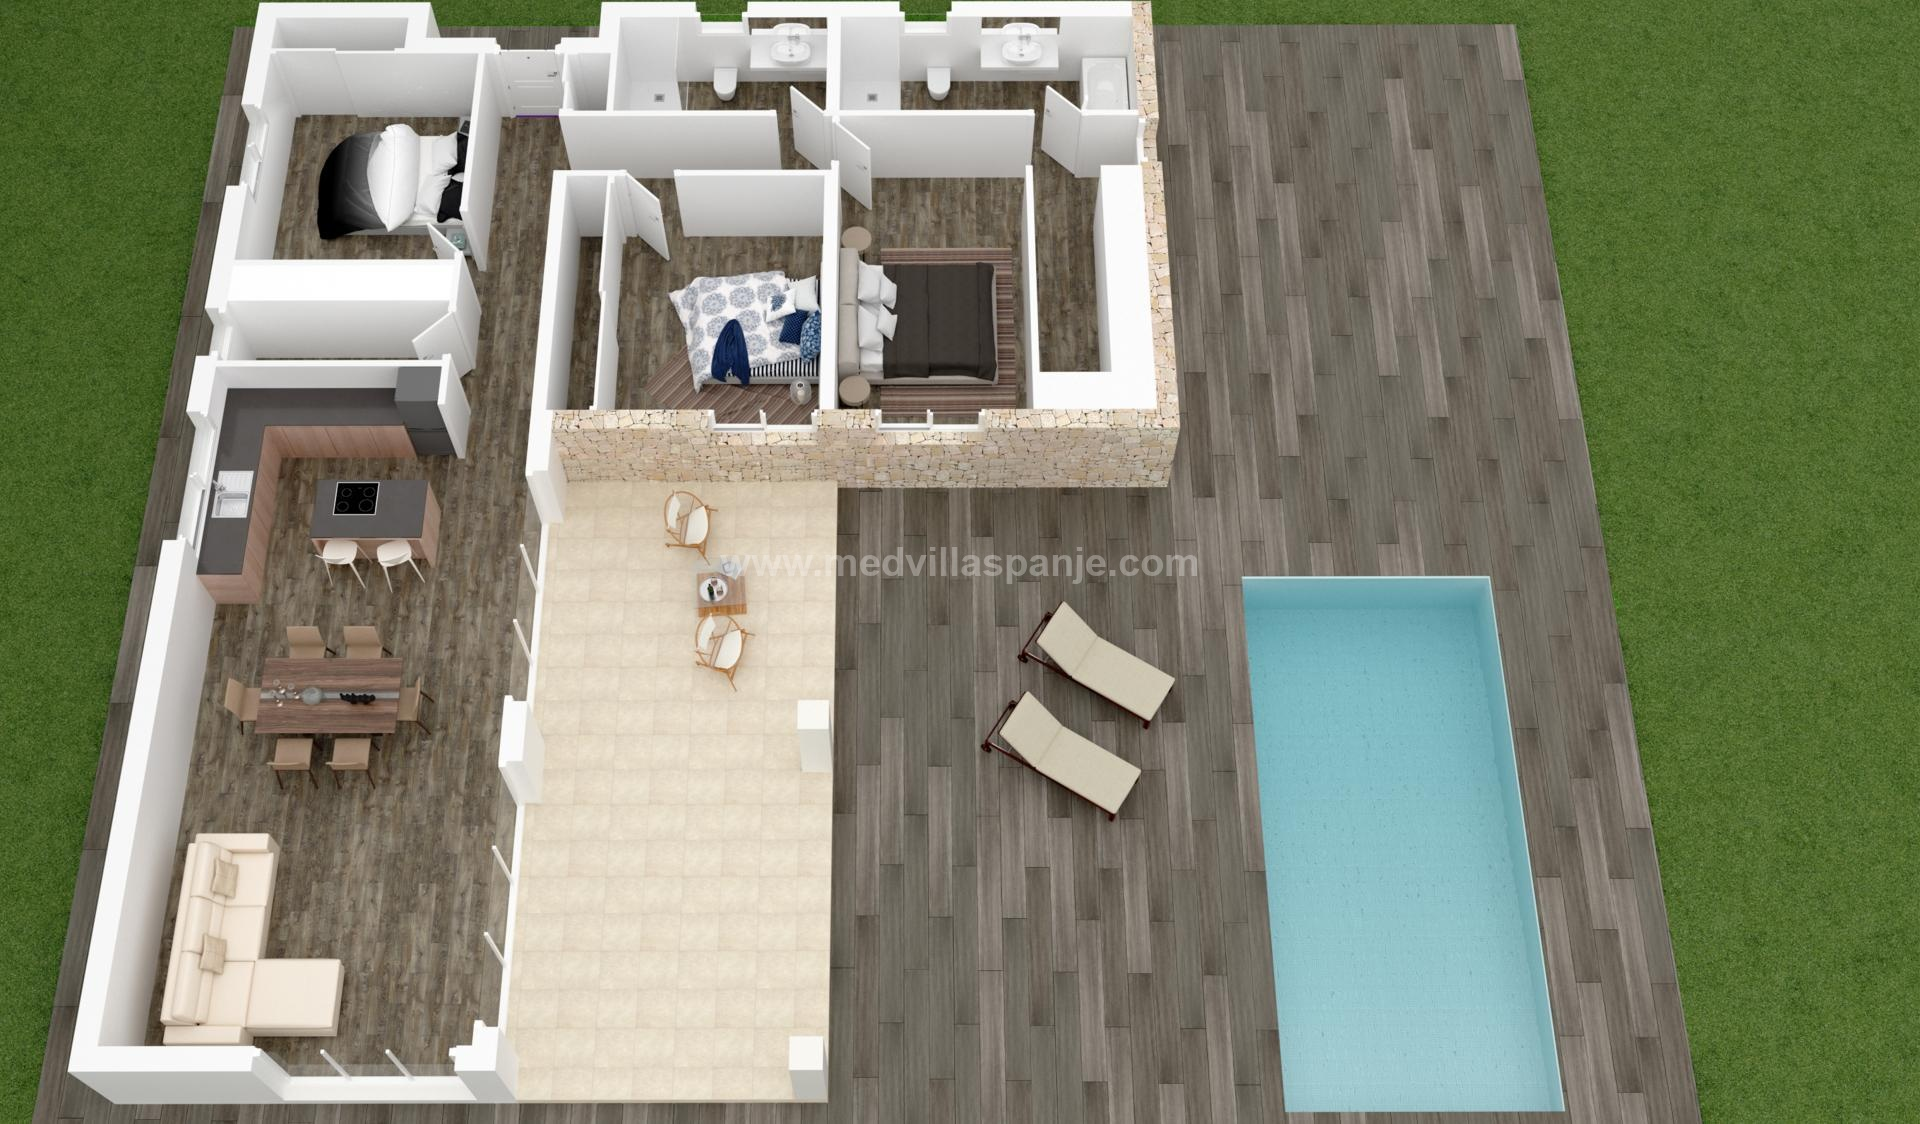 New Villas Off Plan for sale in Hondon de las Nieves, Alicante in Medvilla Spanje